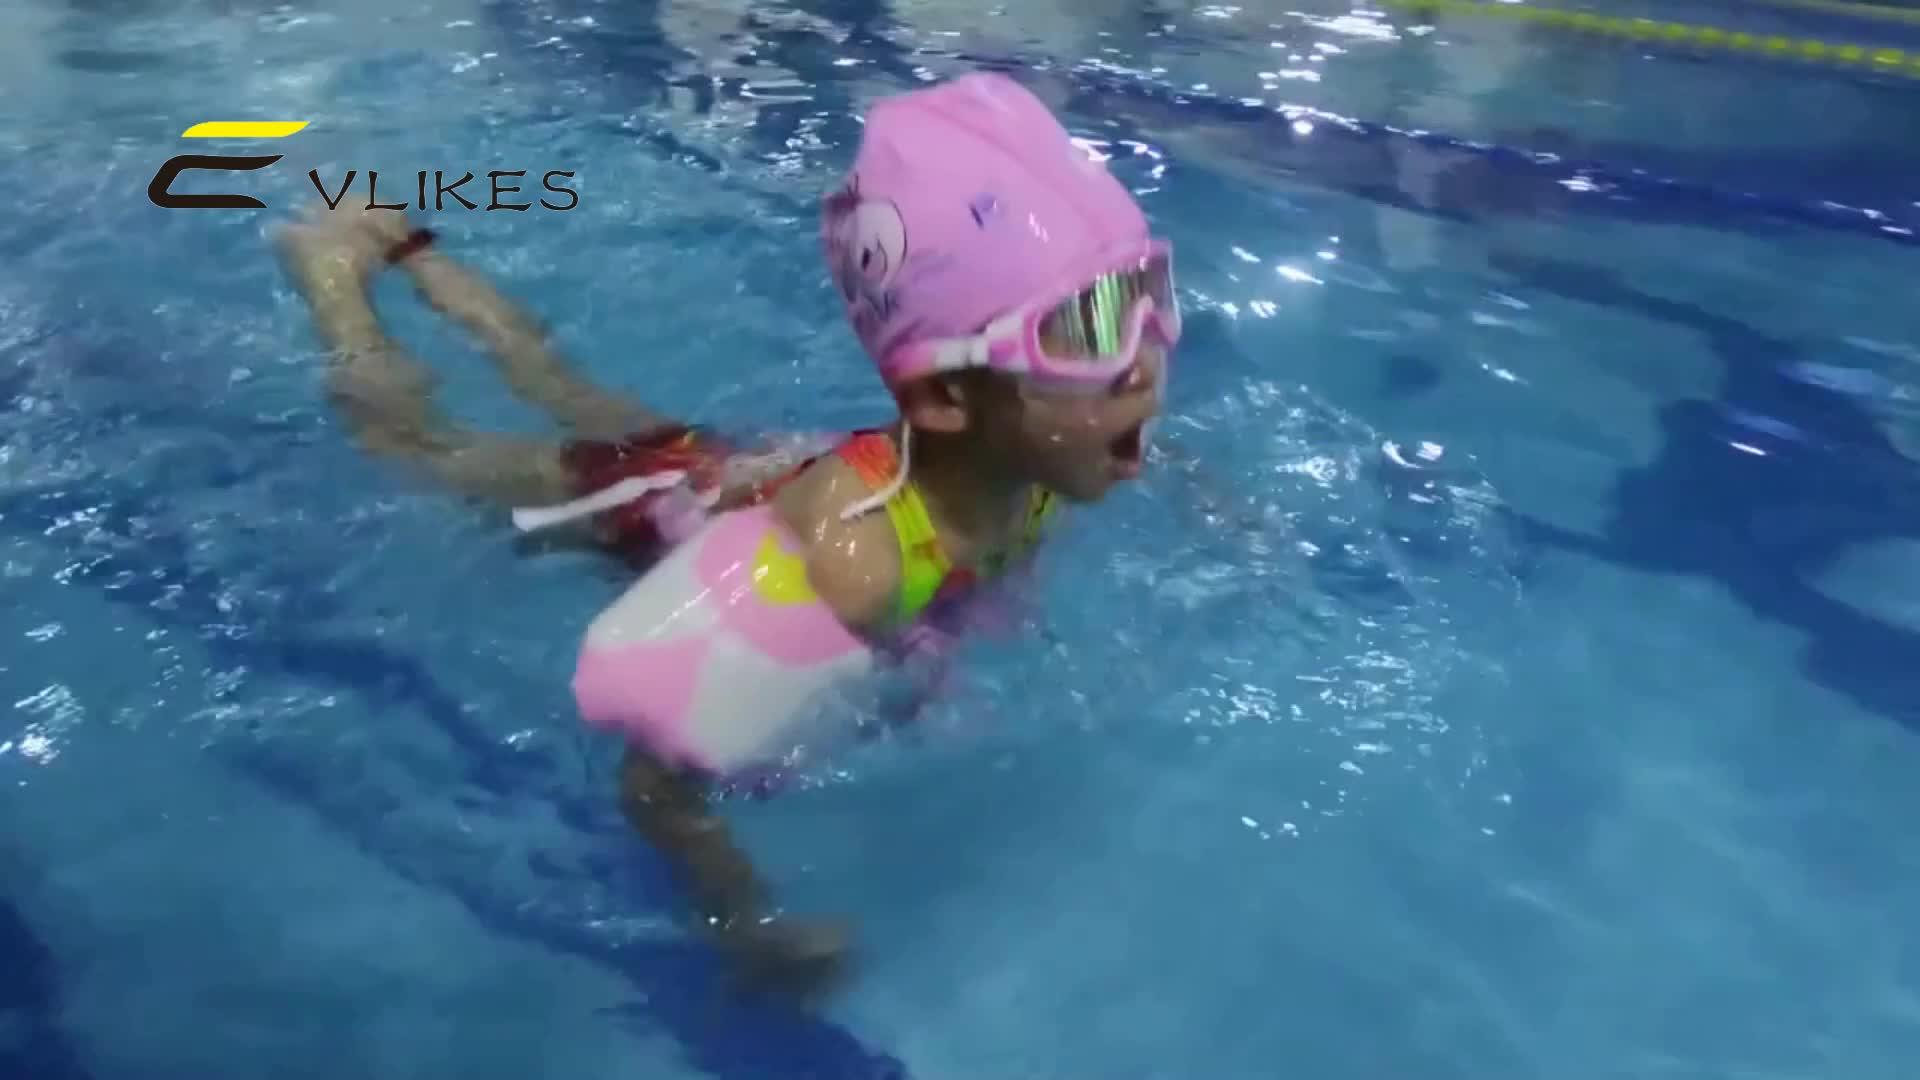 Evlikes ウォータースポーツ眼鏡 Uv プロテクション PC レンズ材料とシリコーンフレーム材質水泳ゴーグル